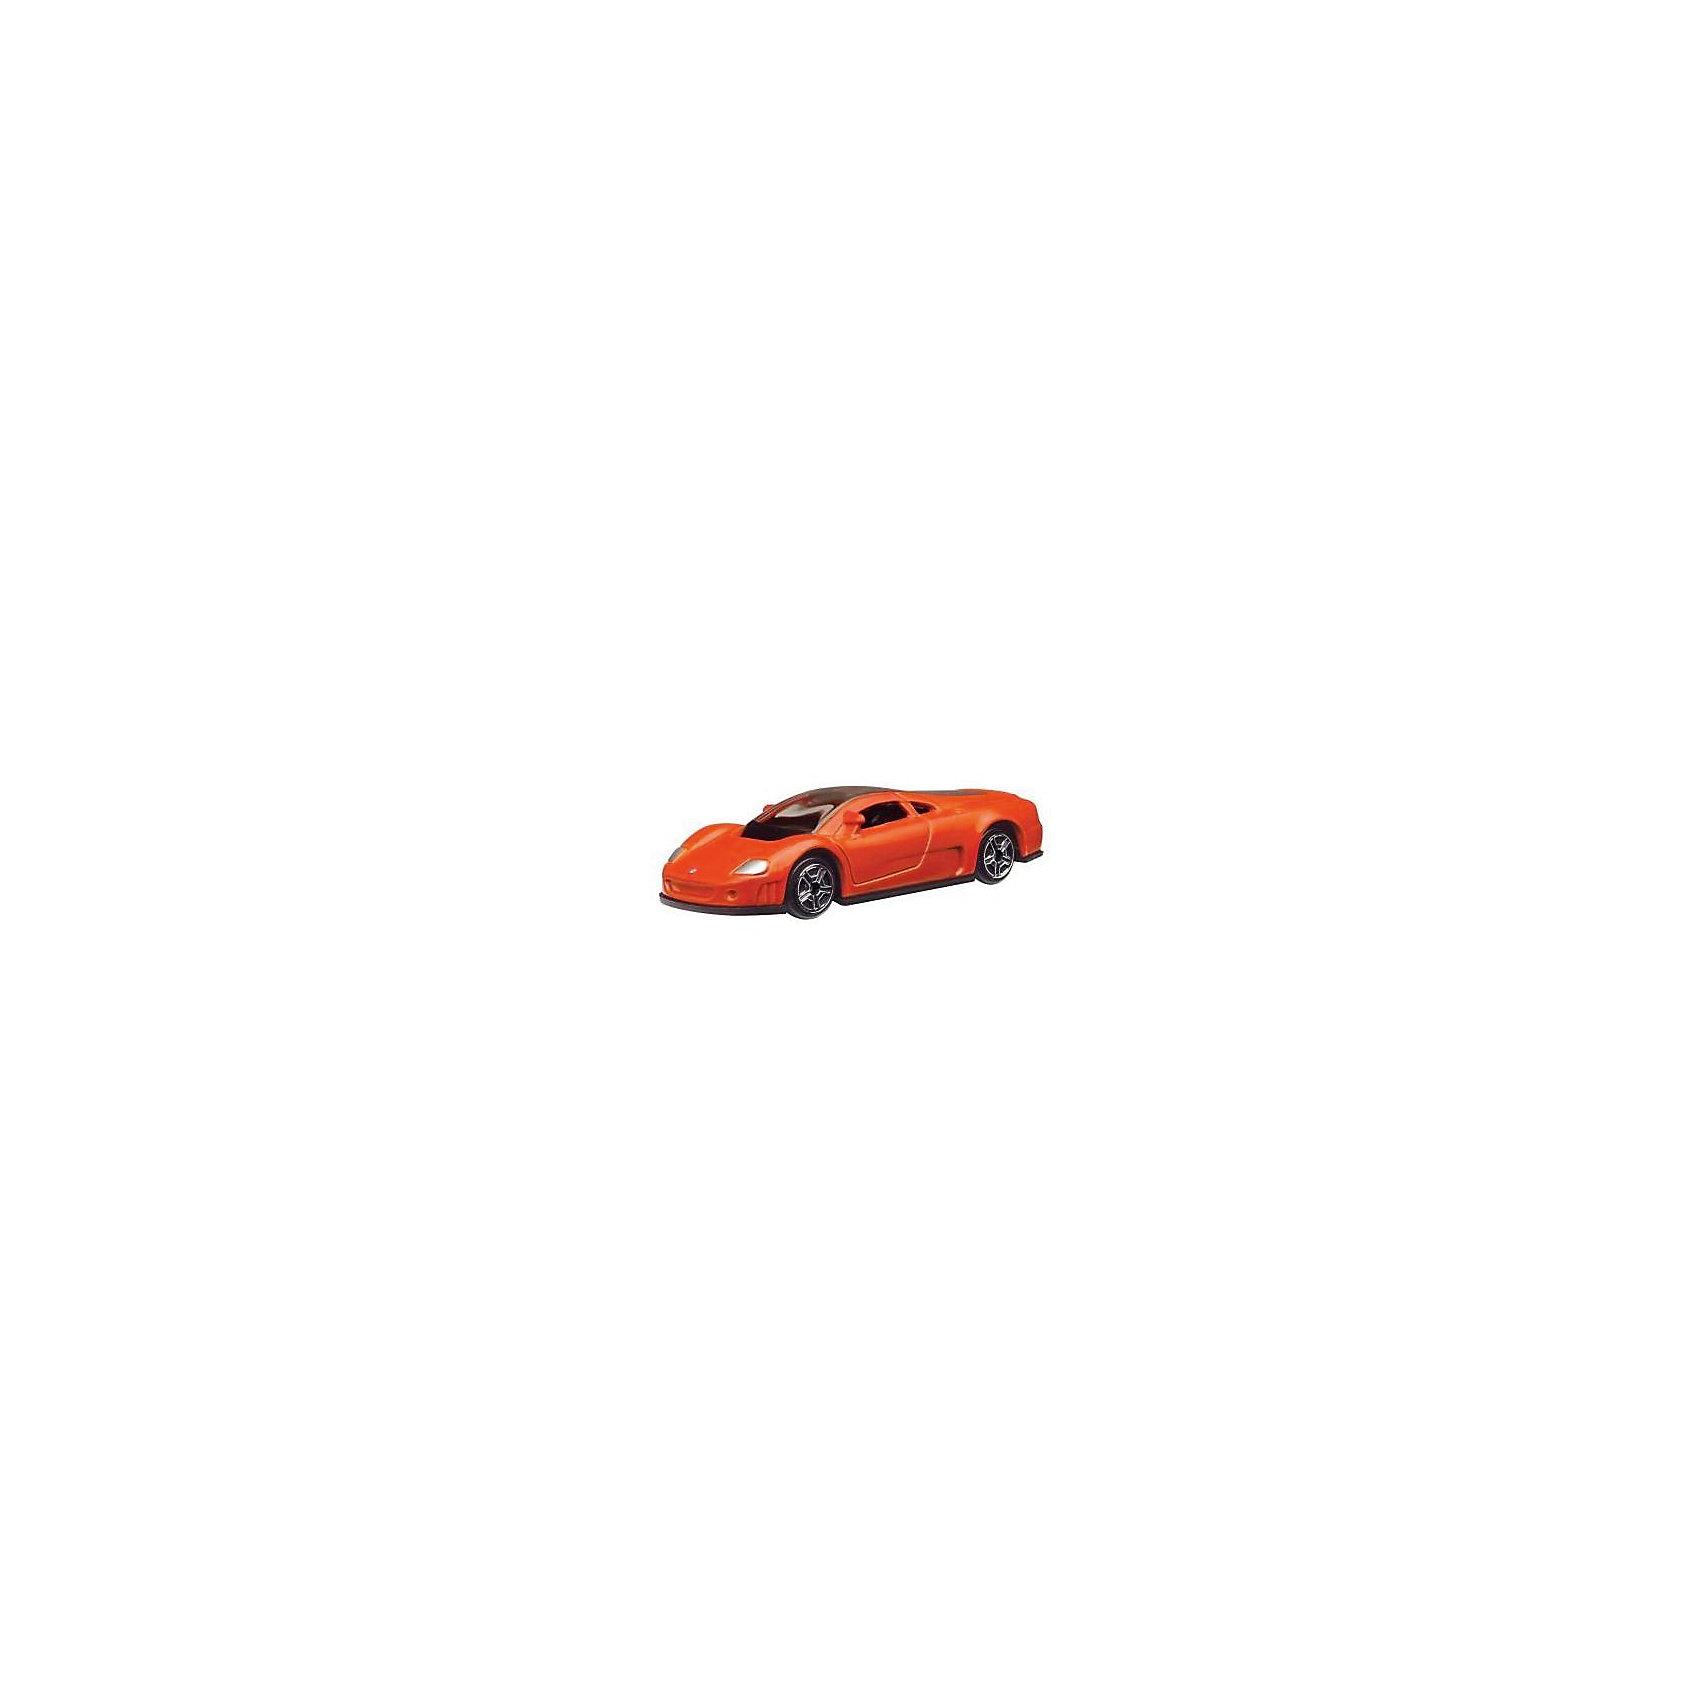 ������������� ������� 1:64. ����� D, Motormax (-)